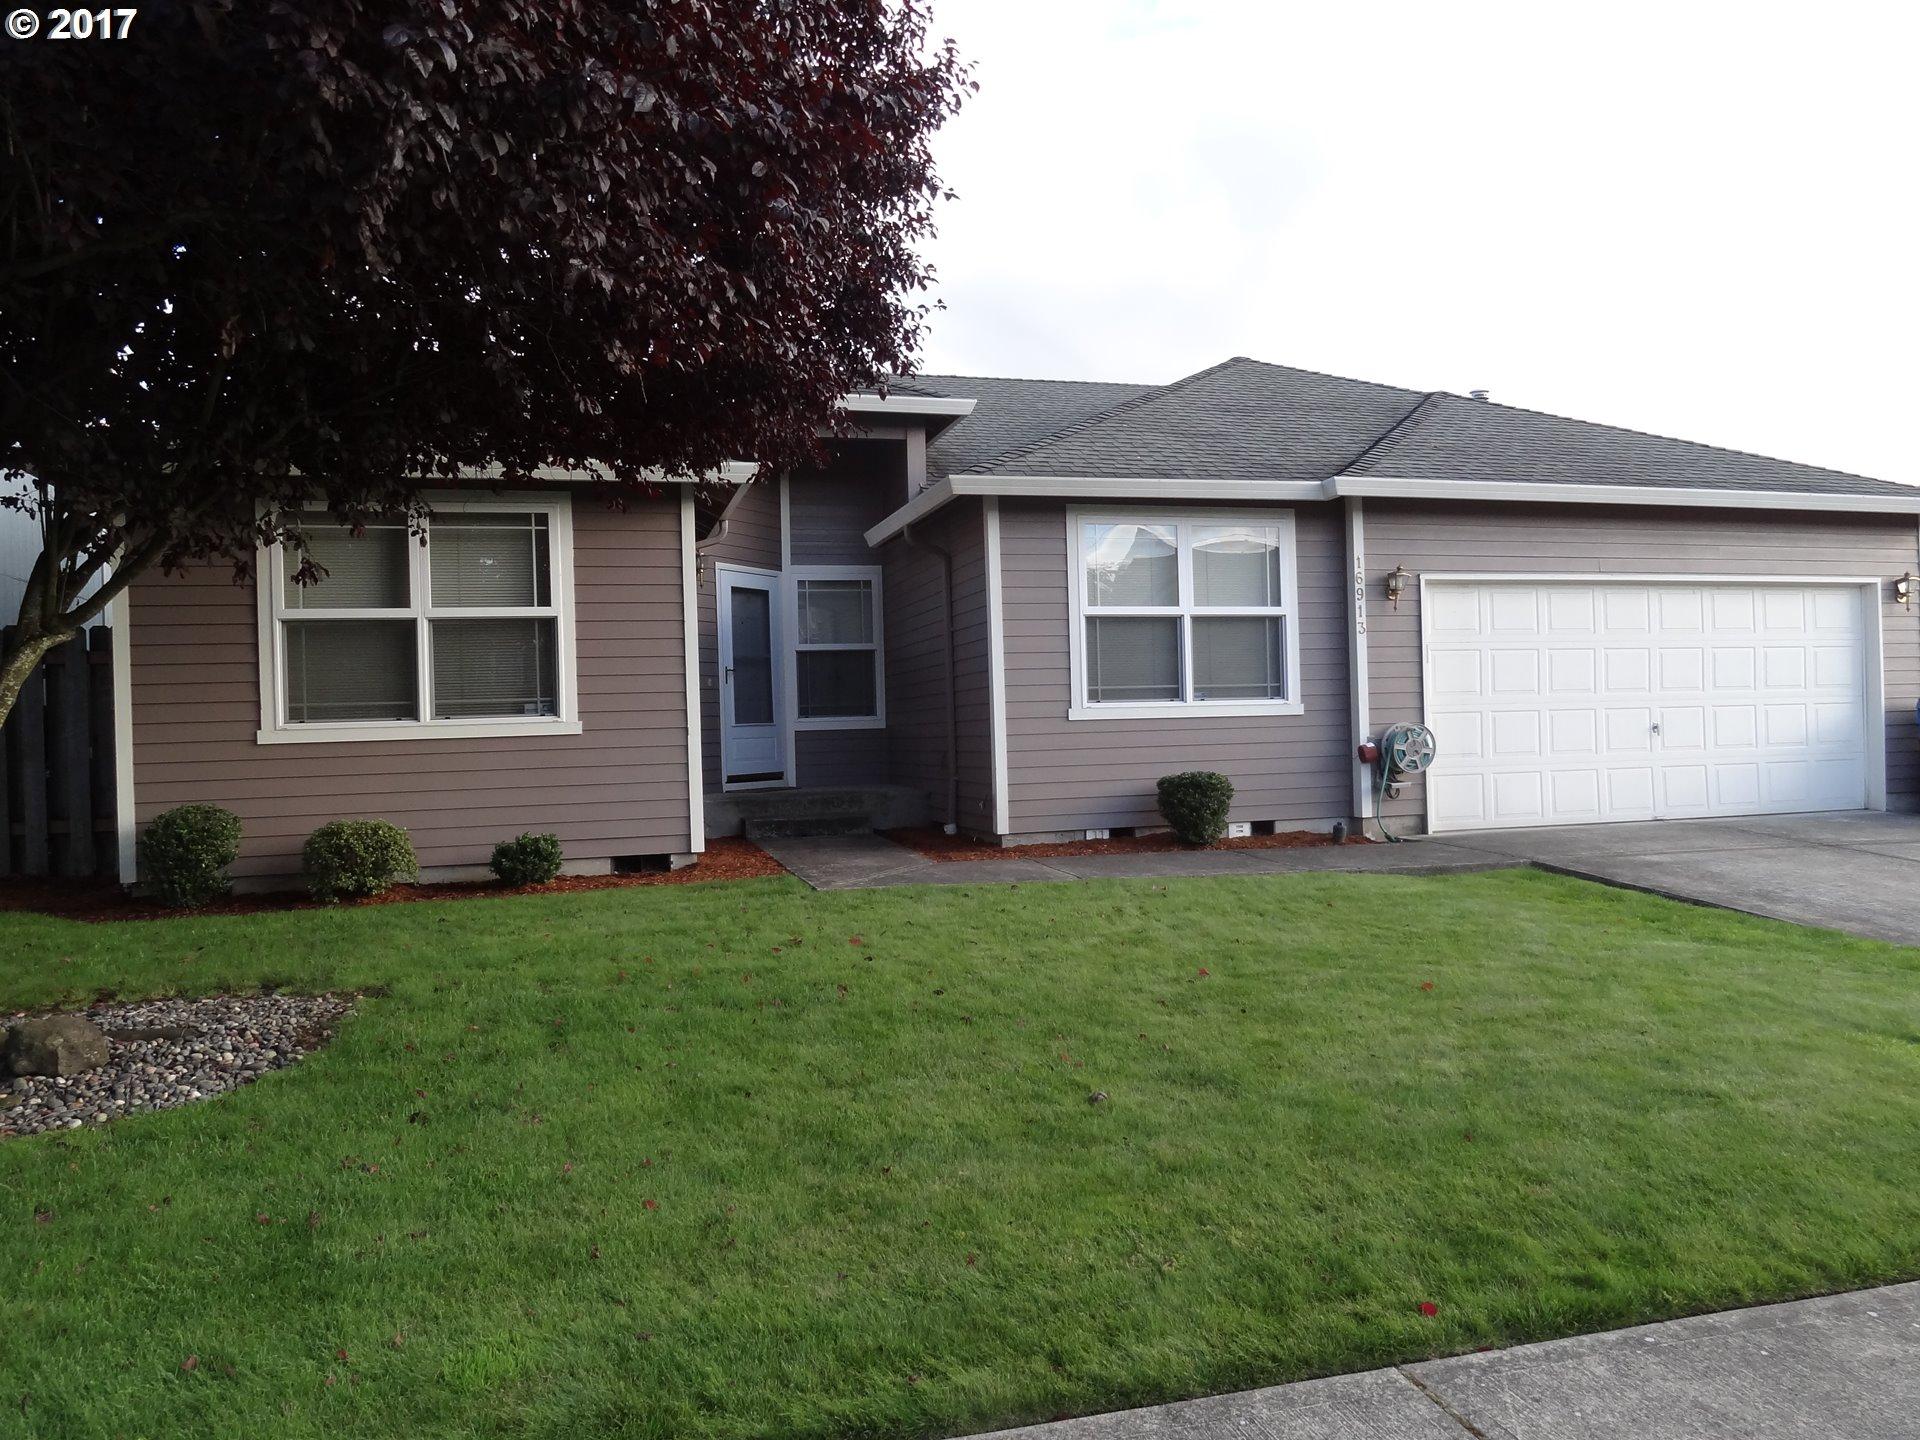 16913 SE 2ND ST, Vancouver, WA 98684